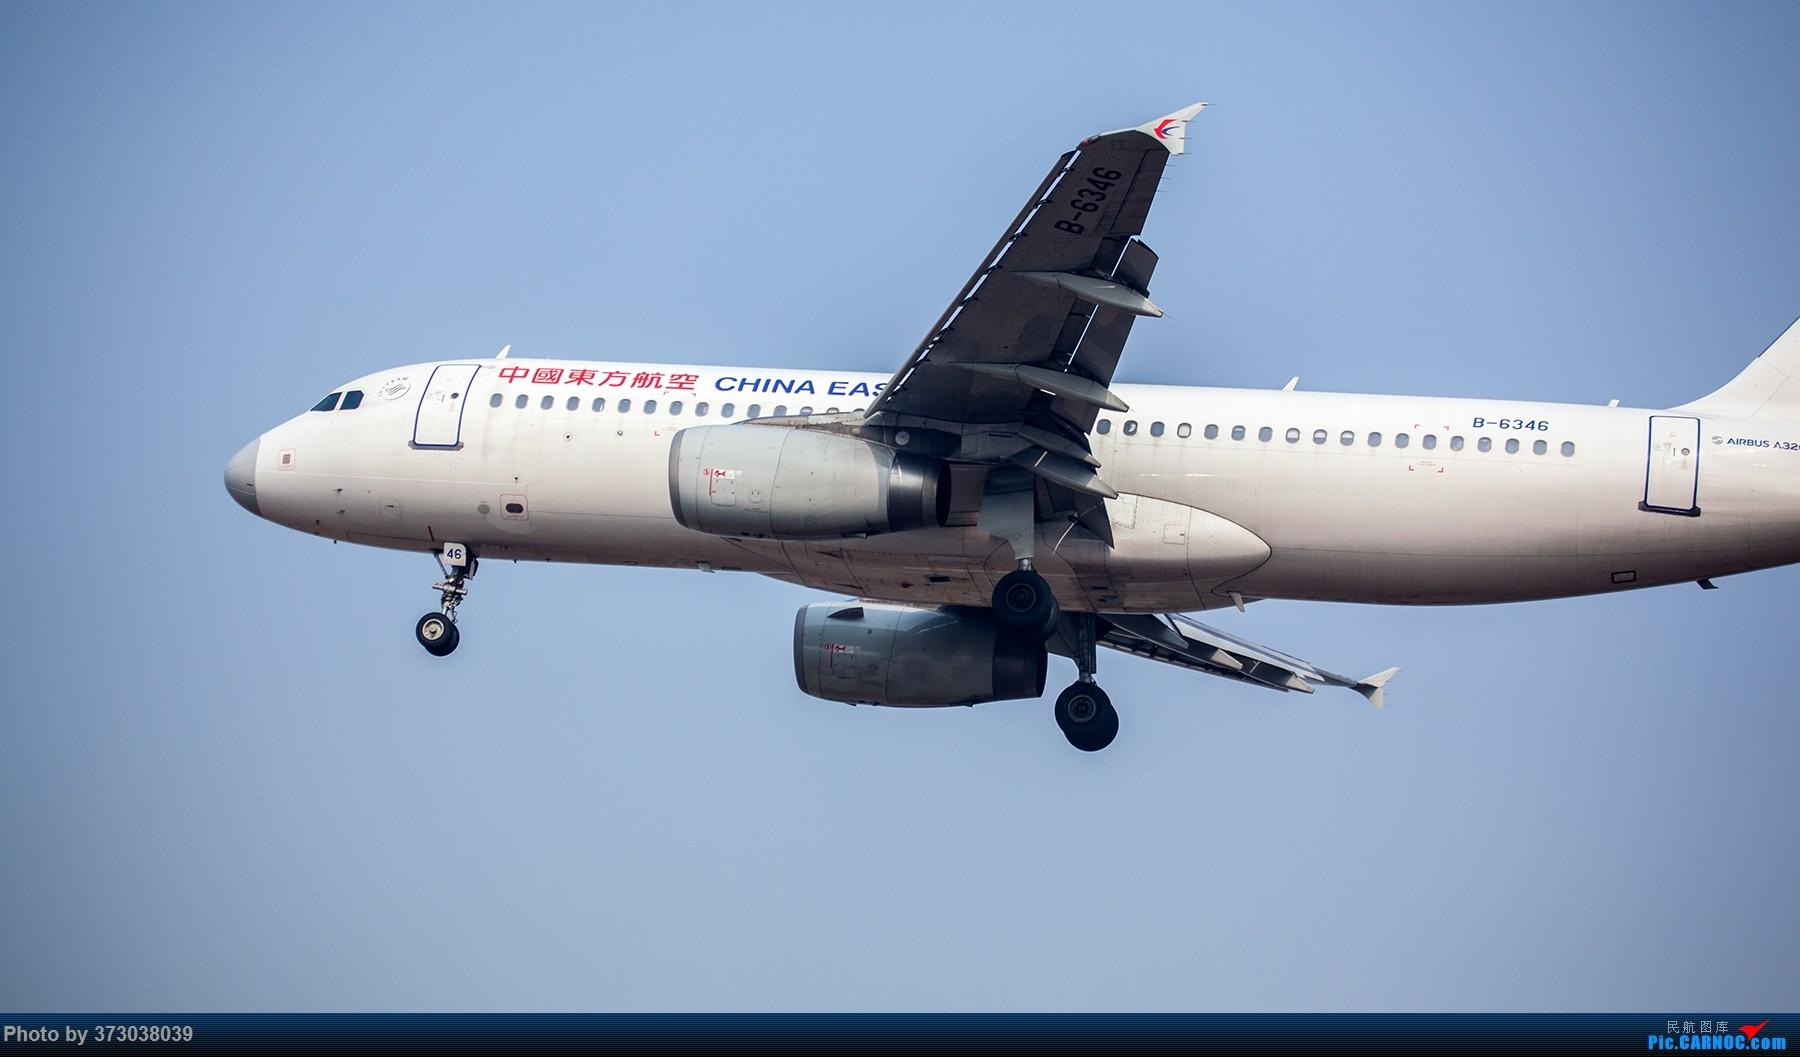 Re:[原创]【杭州飞友会】A320Neo迪士尼杭州萧山机场拍机班门弄斧记 AIRBUS A320-200 B-6346 中国杭州萧山国际机场